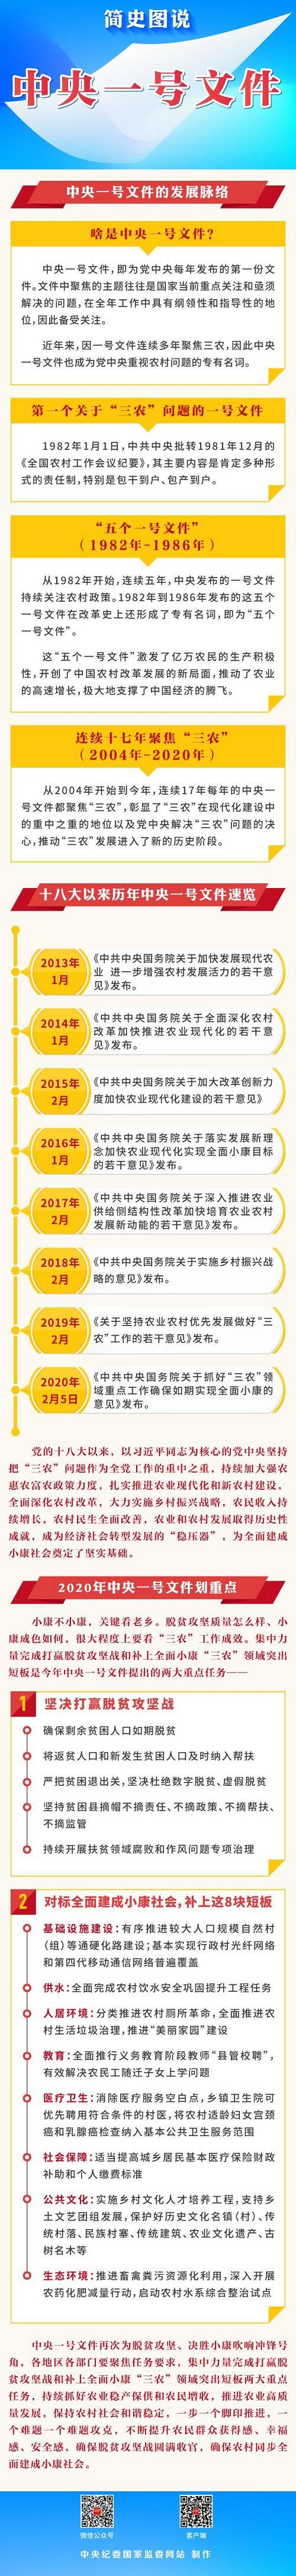 (中央纪委国家监委网站 邢婷婷 文字清理 李芸 设计)